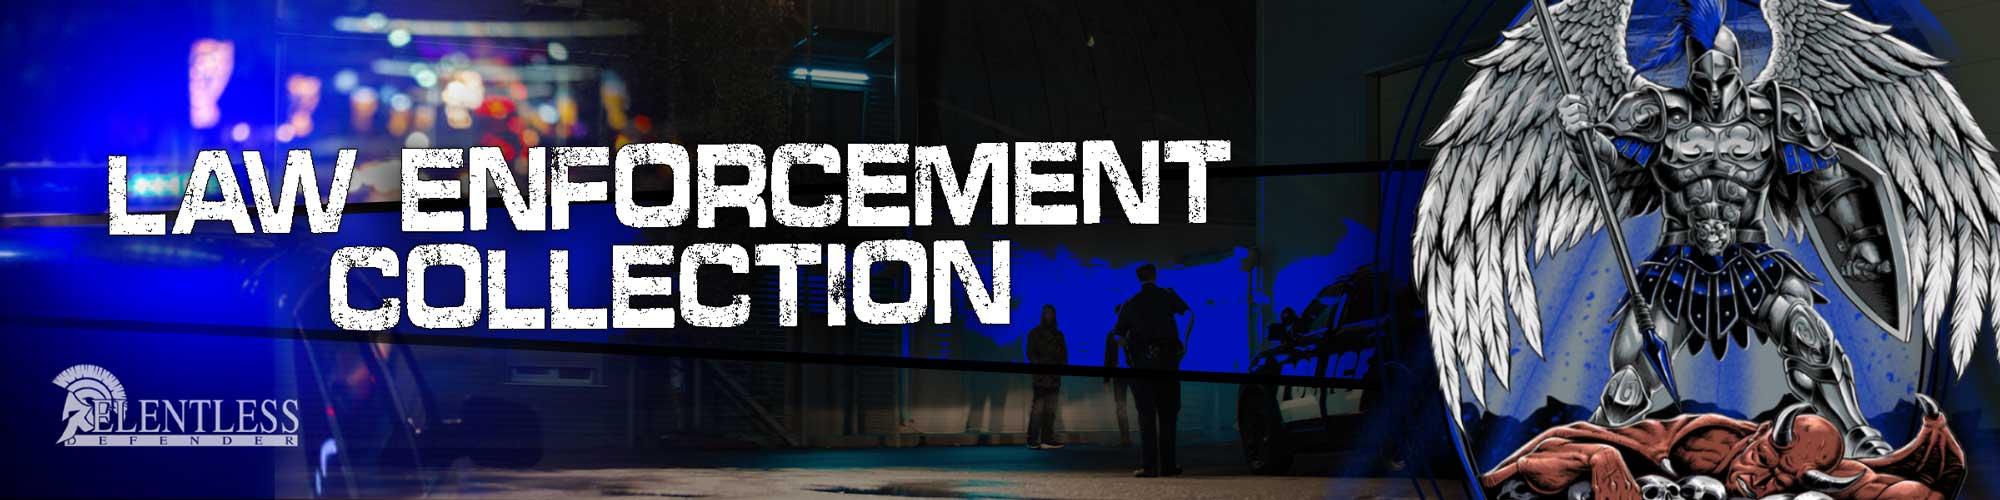 Law Enforcement Collection